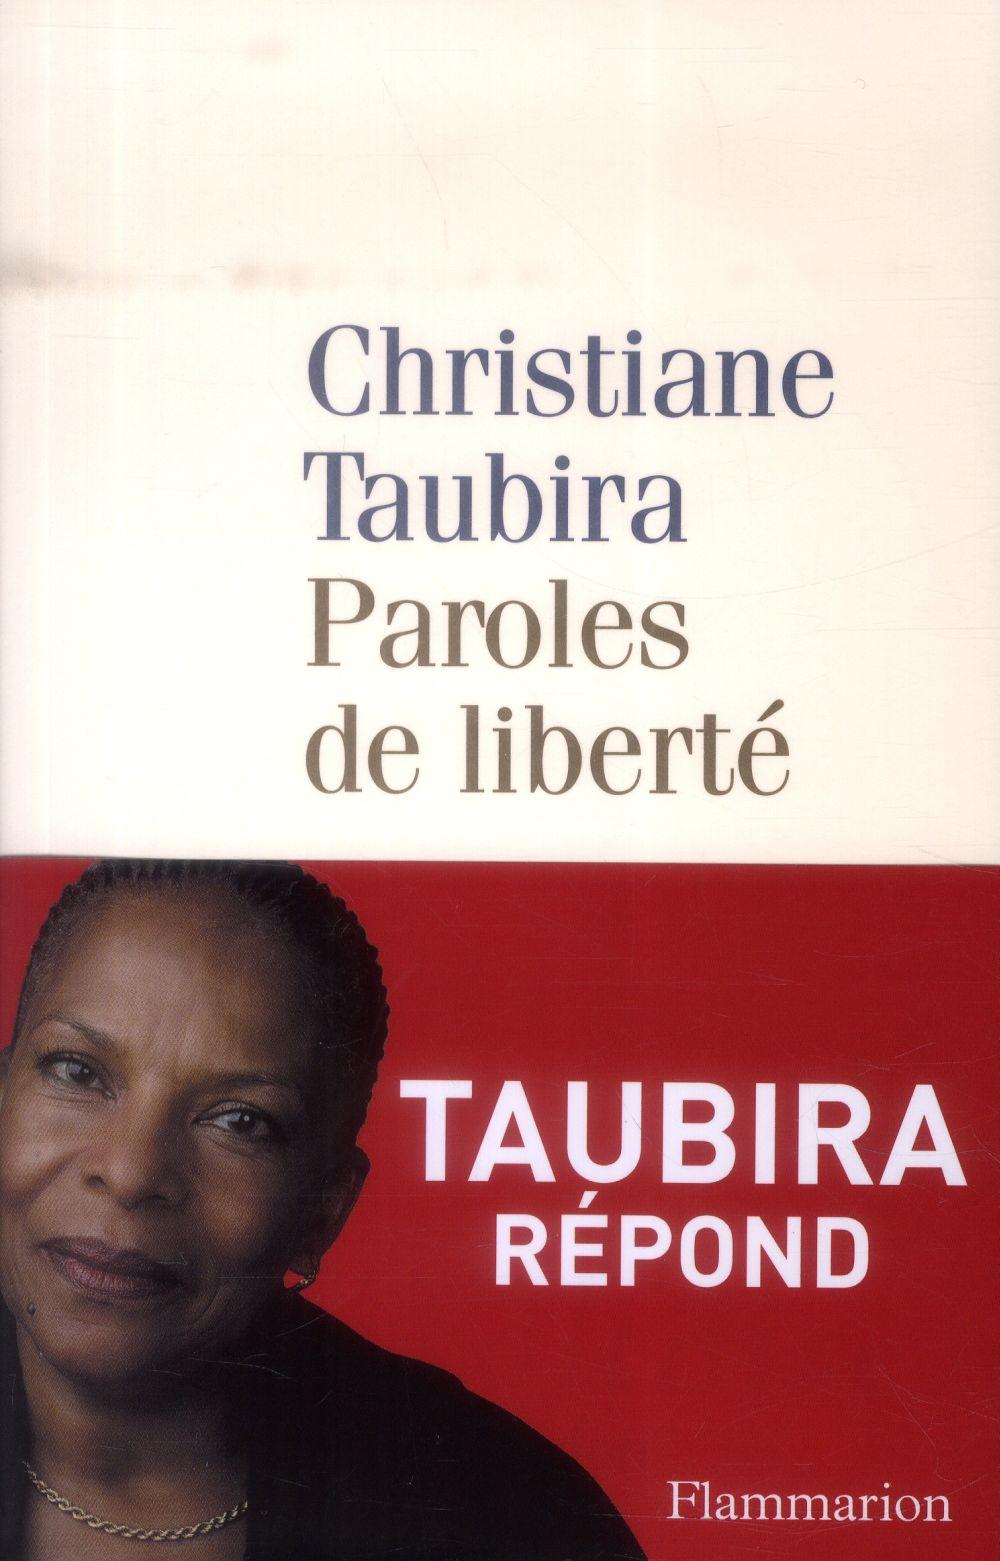 Paroles de liberté ; Taubira répond